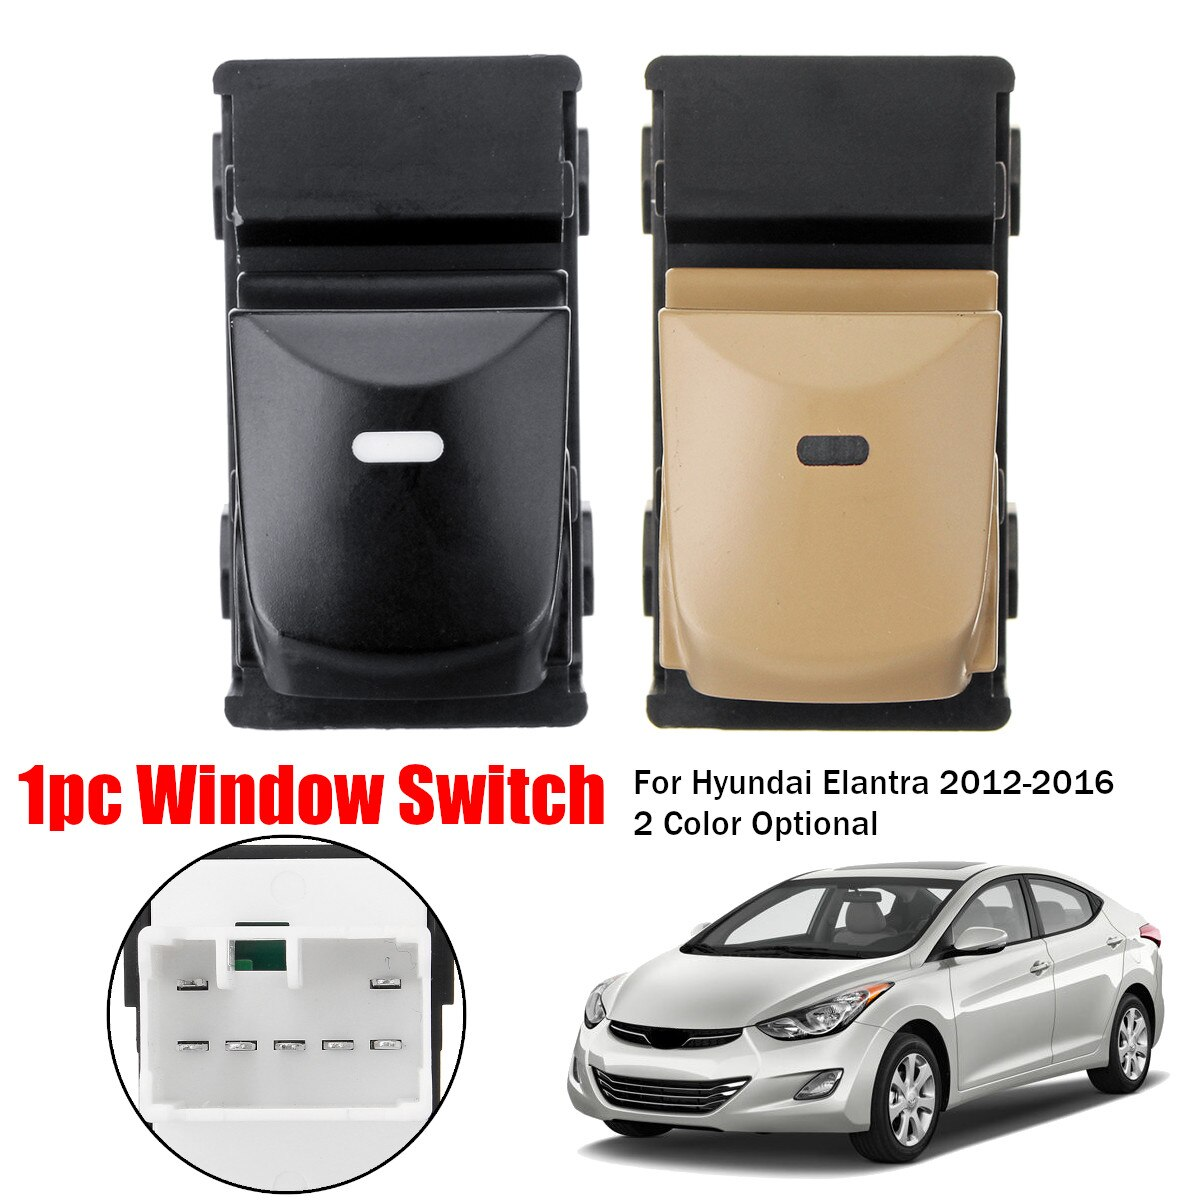 Interruptor de Control eléctrico de la ventana del coche 93570-4V000 Hyundai para Hyundai 2012 2013 2014 2015 2016 Elantra